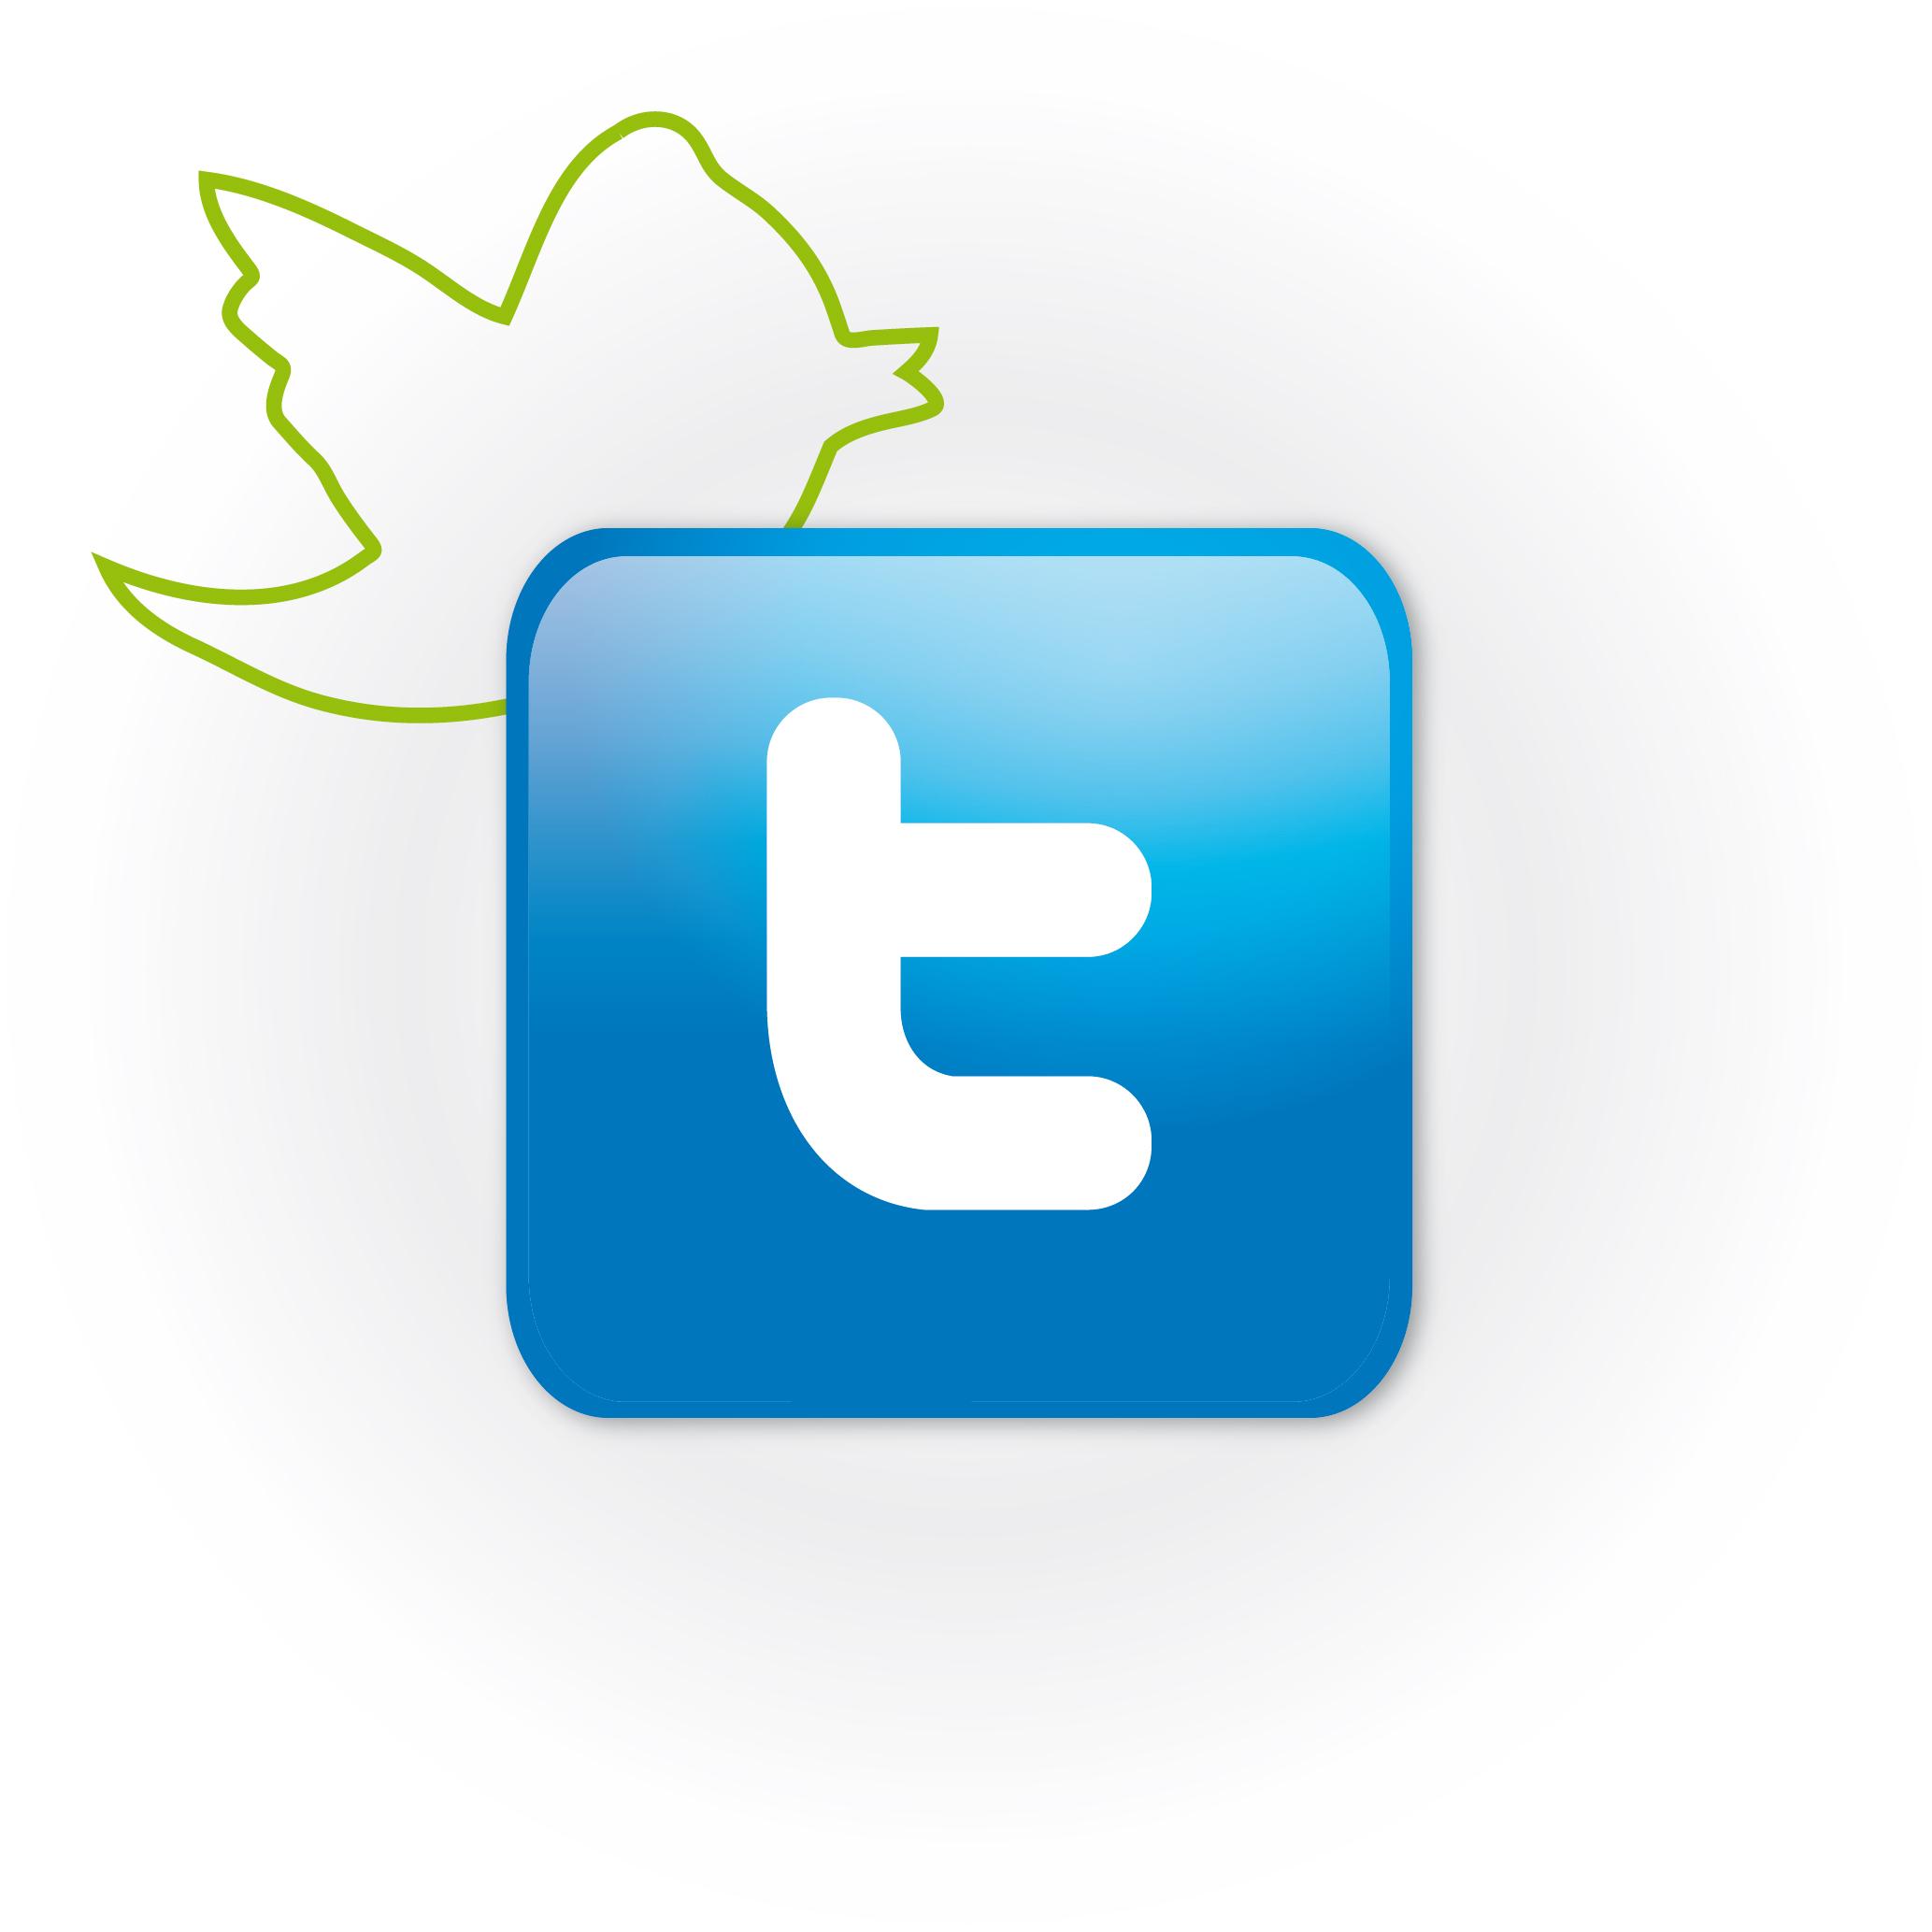 Twitter als Marketing-Tool: Ein paar Dinge, die man wissen sollte [+Infografik]